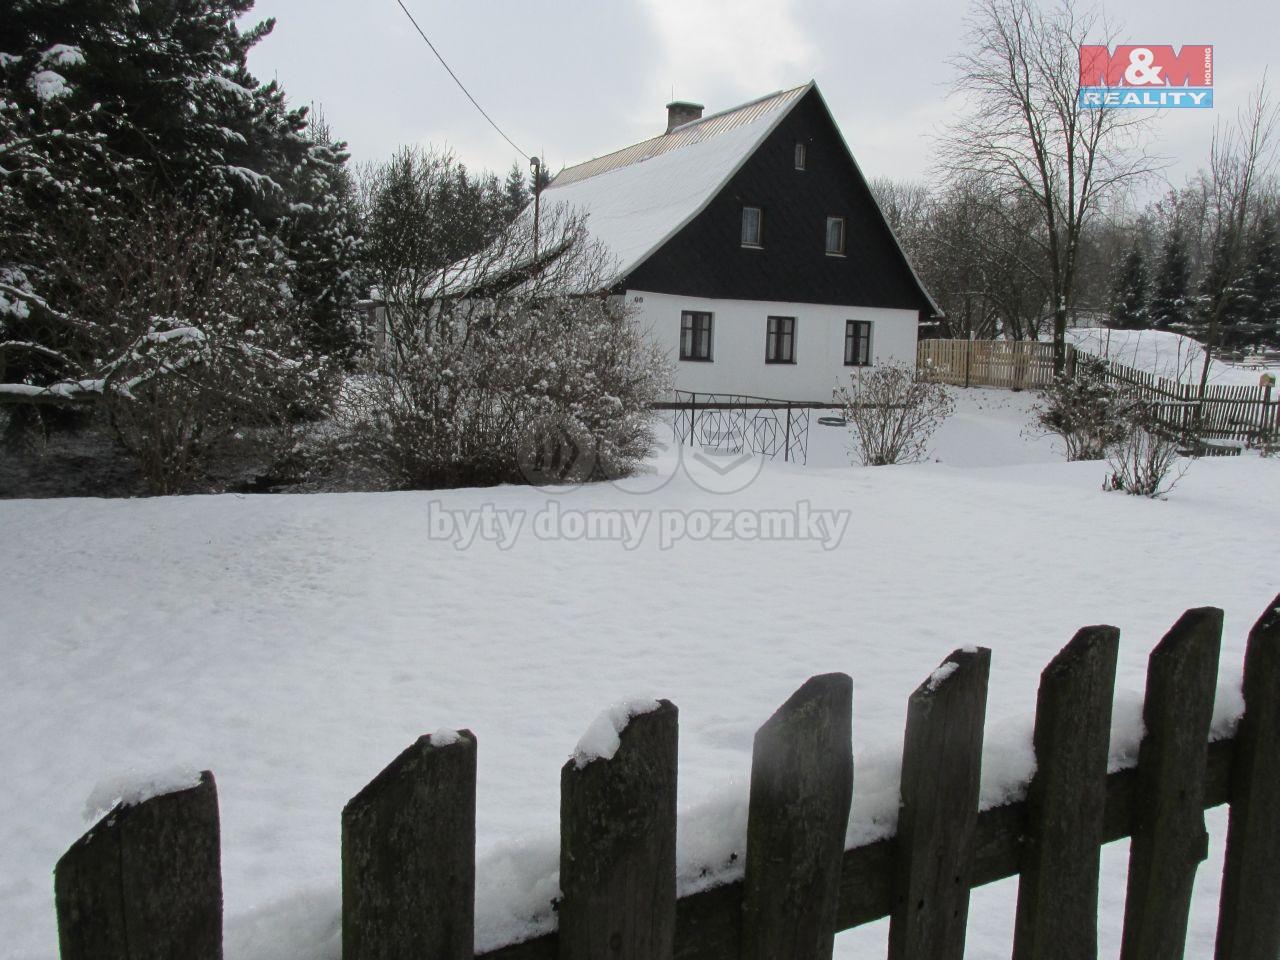 Prodej, rodinný dům 4+kk, 2526 m2, Rudná pod Pradědem